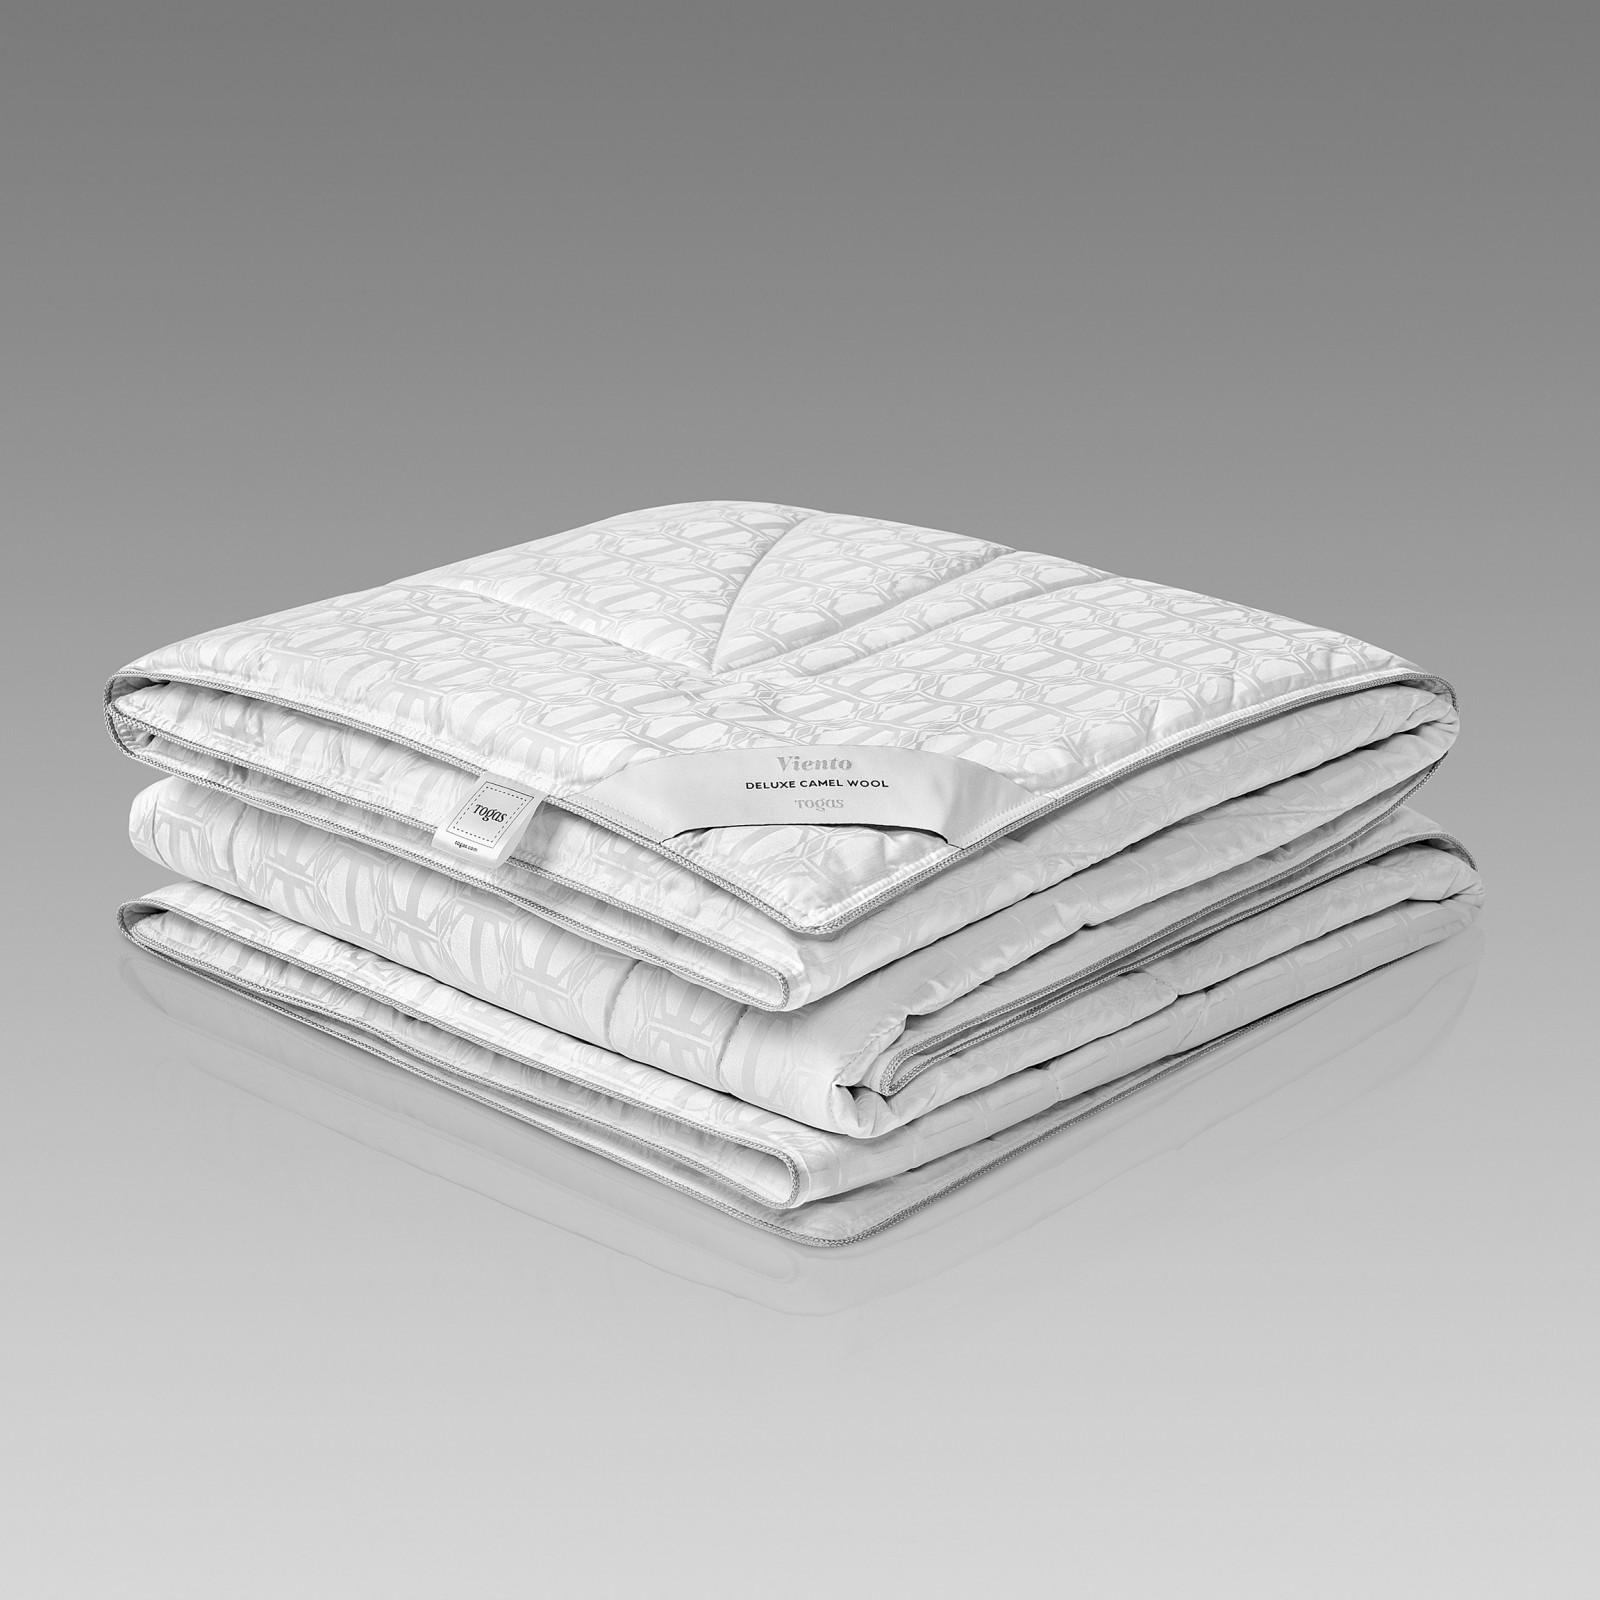 Одеяла Togas, Одеяло Виенто (200х210 см), Греция, Белый, Шелковый Жаккард  - Купить